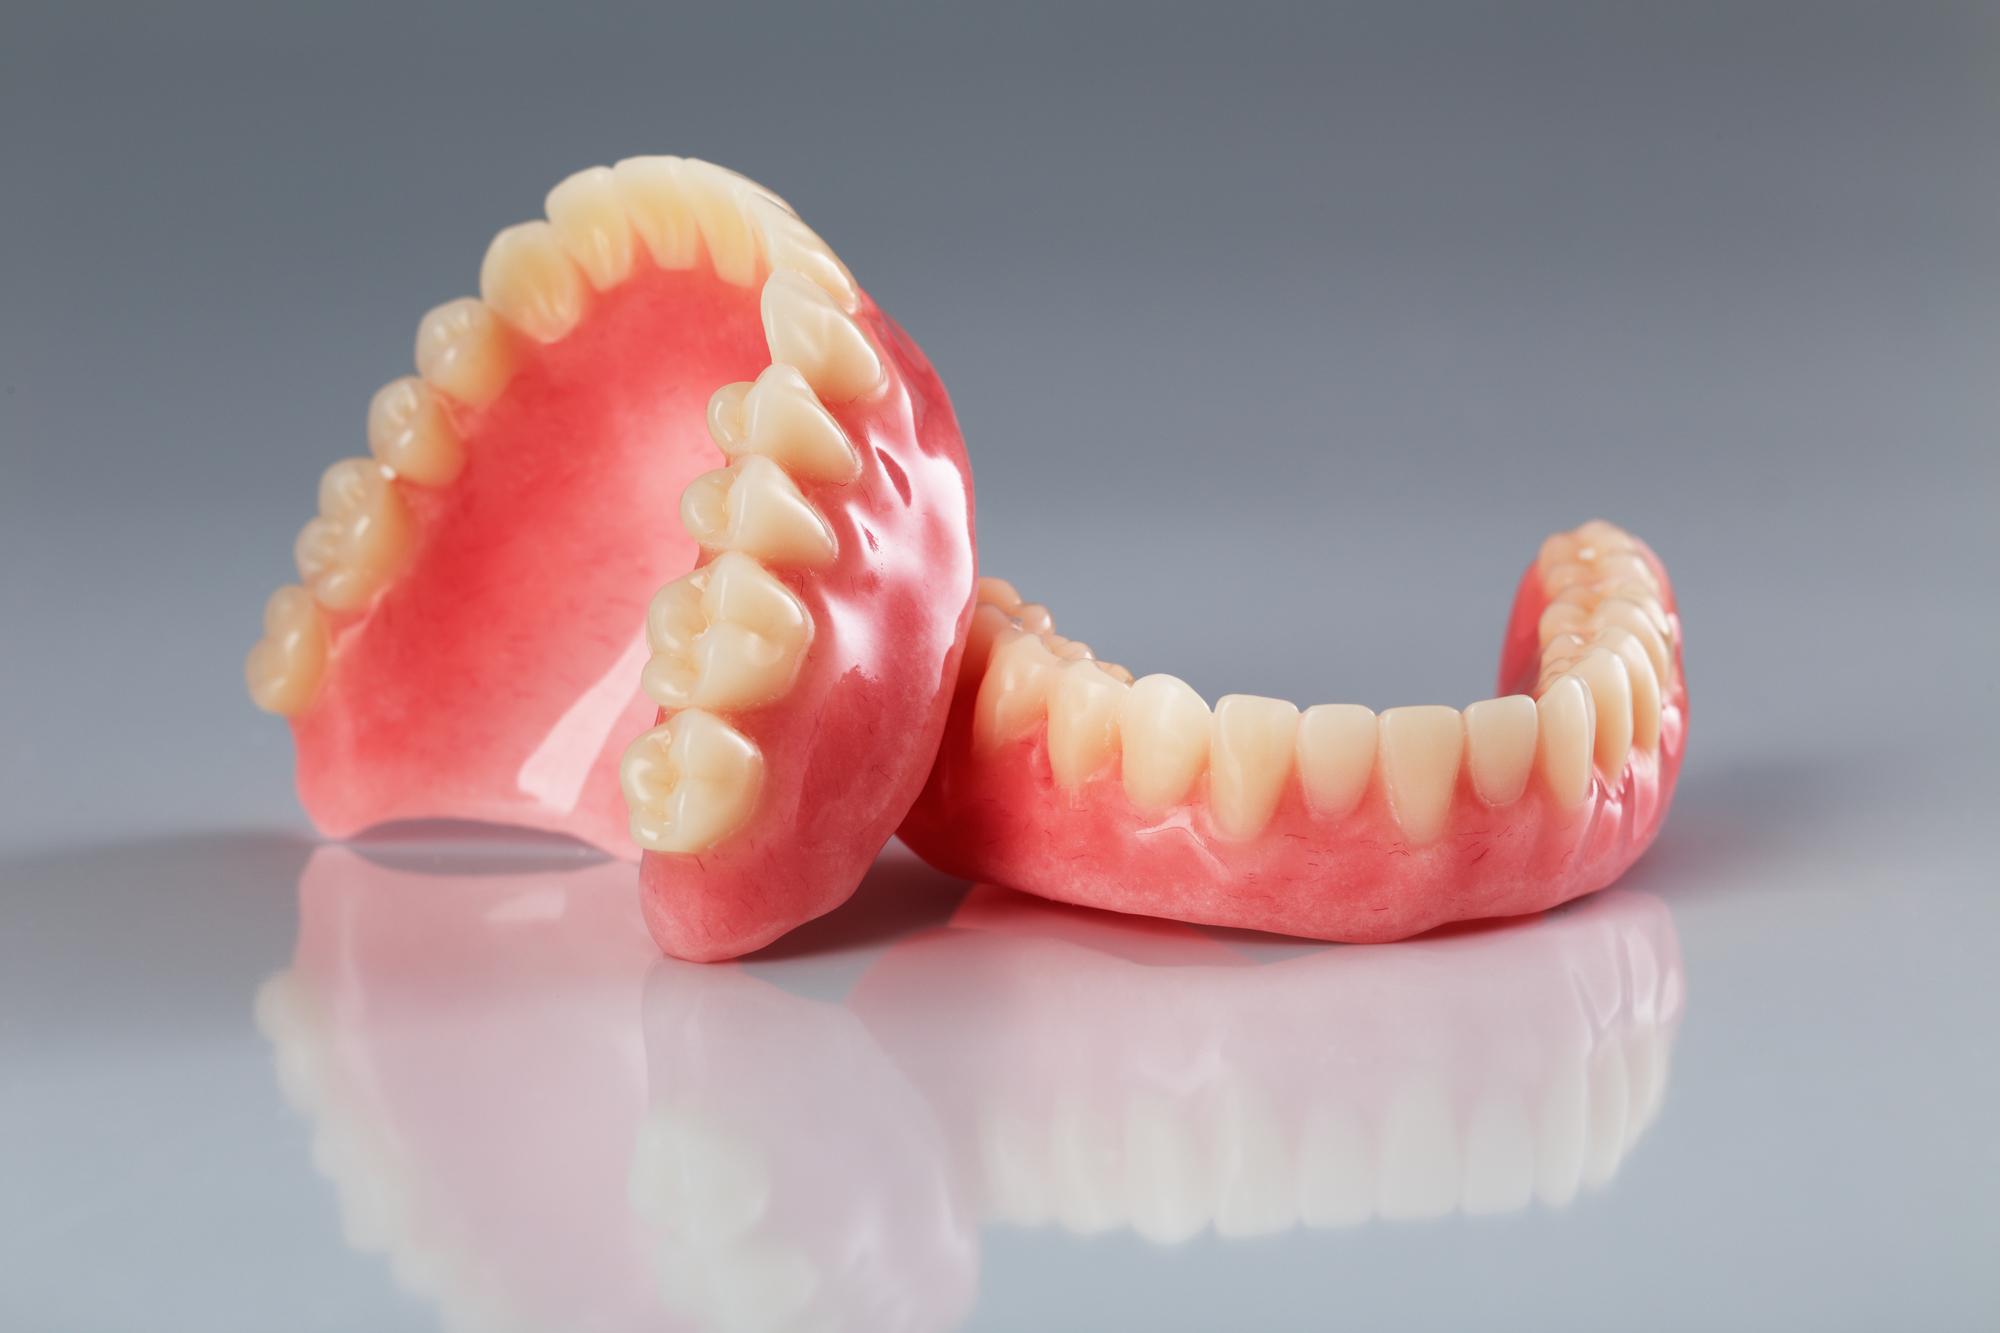 Dentures in Palm Beach Gardens | Types of Dentures